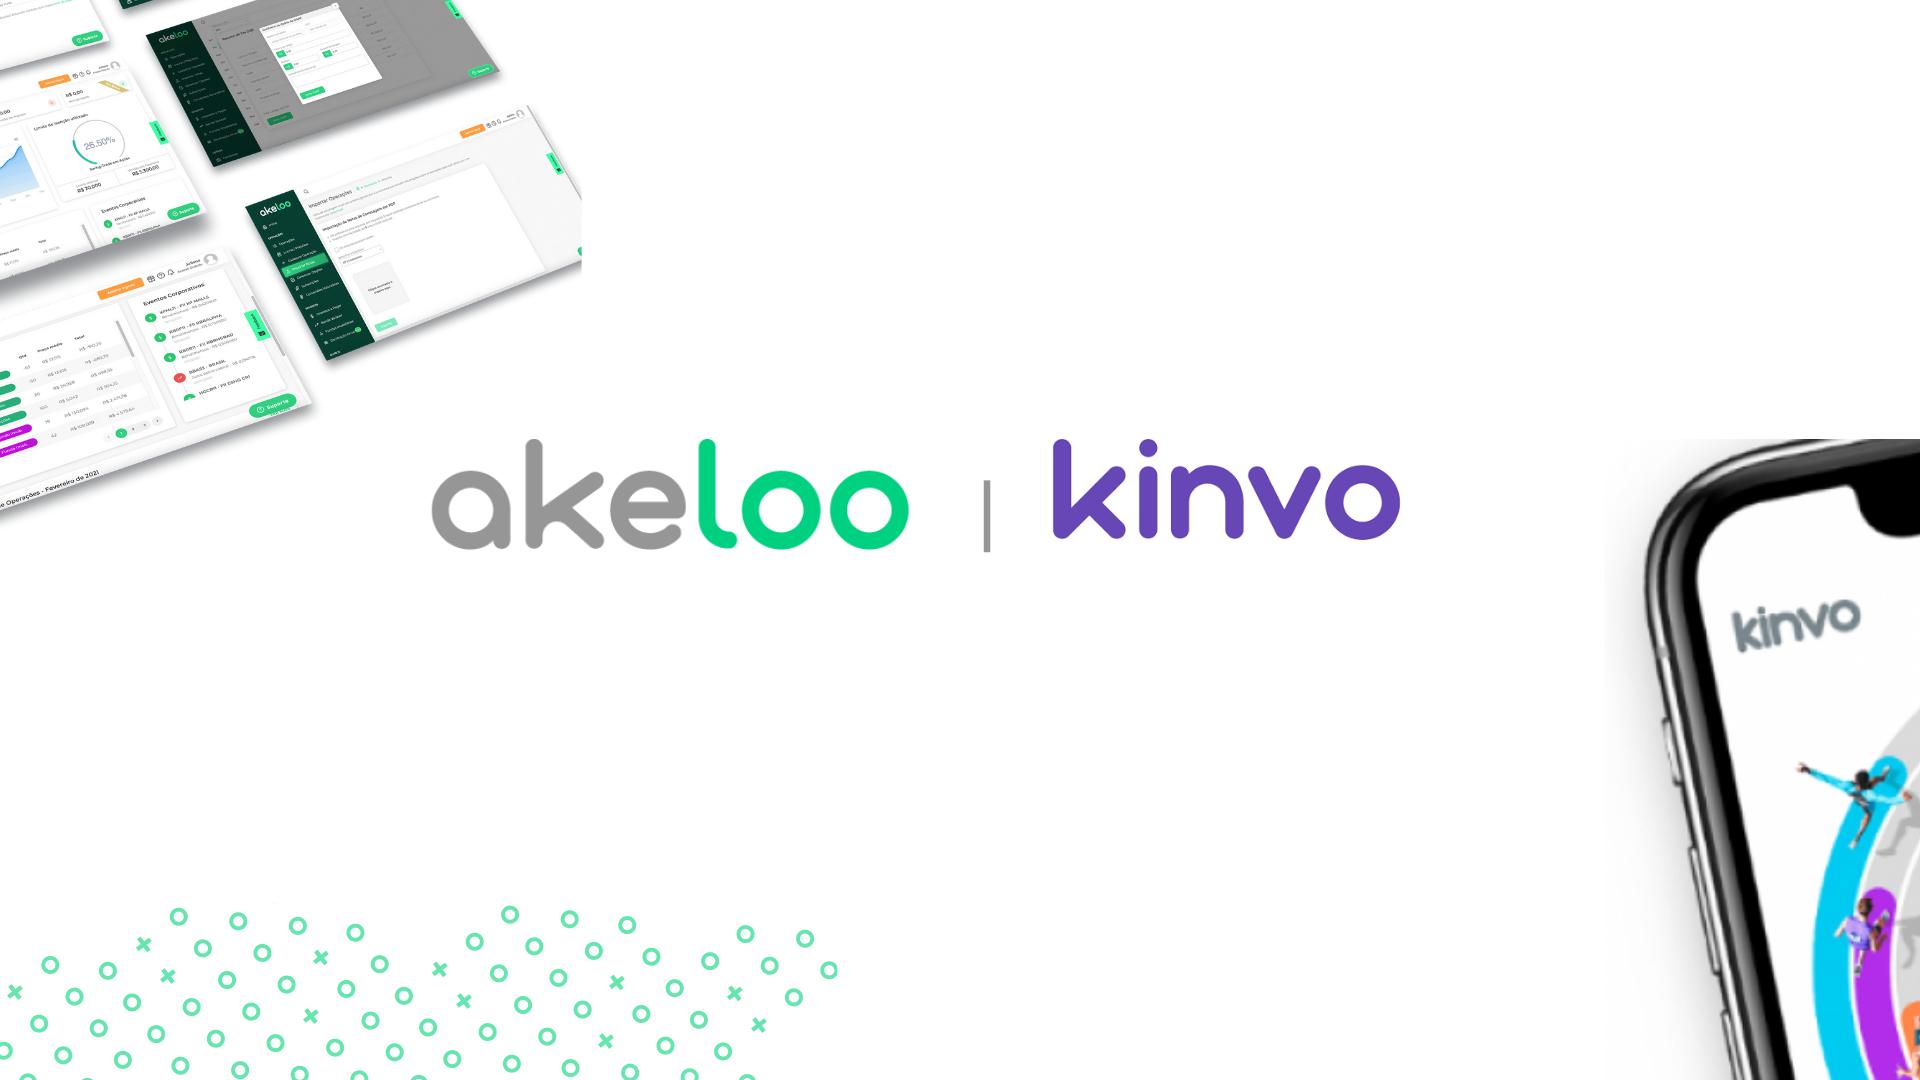 Como a parceria do Kinvo com a Akeloo pode facilitar a vida dos investidores